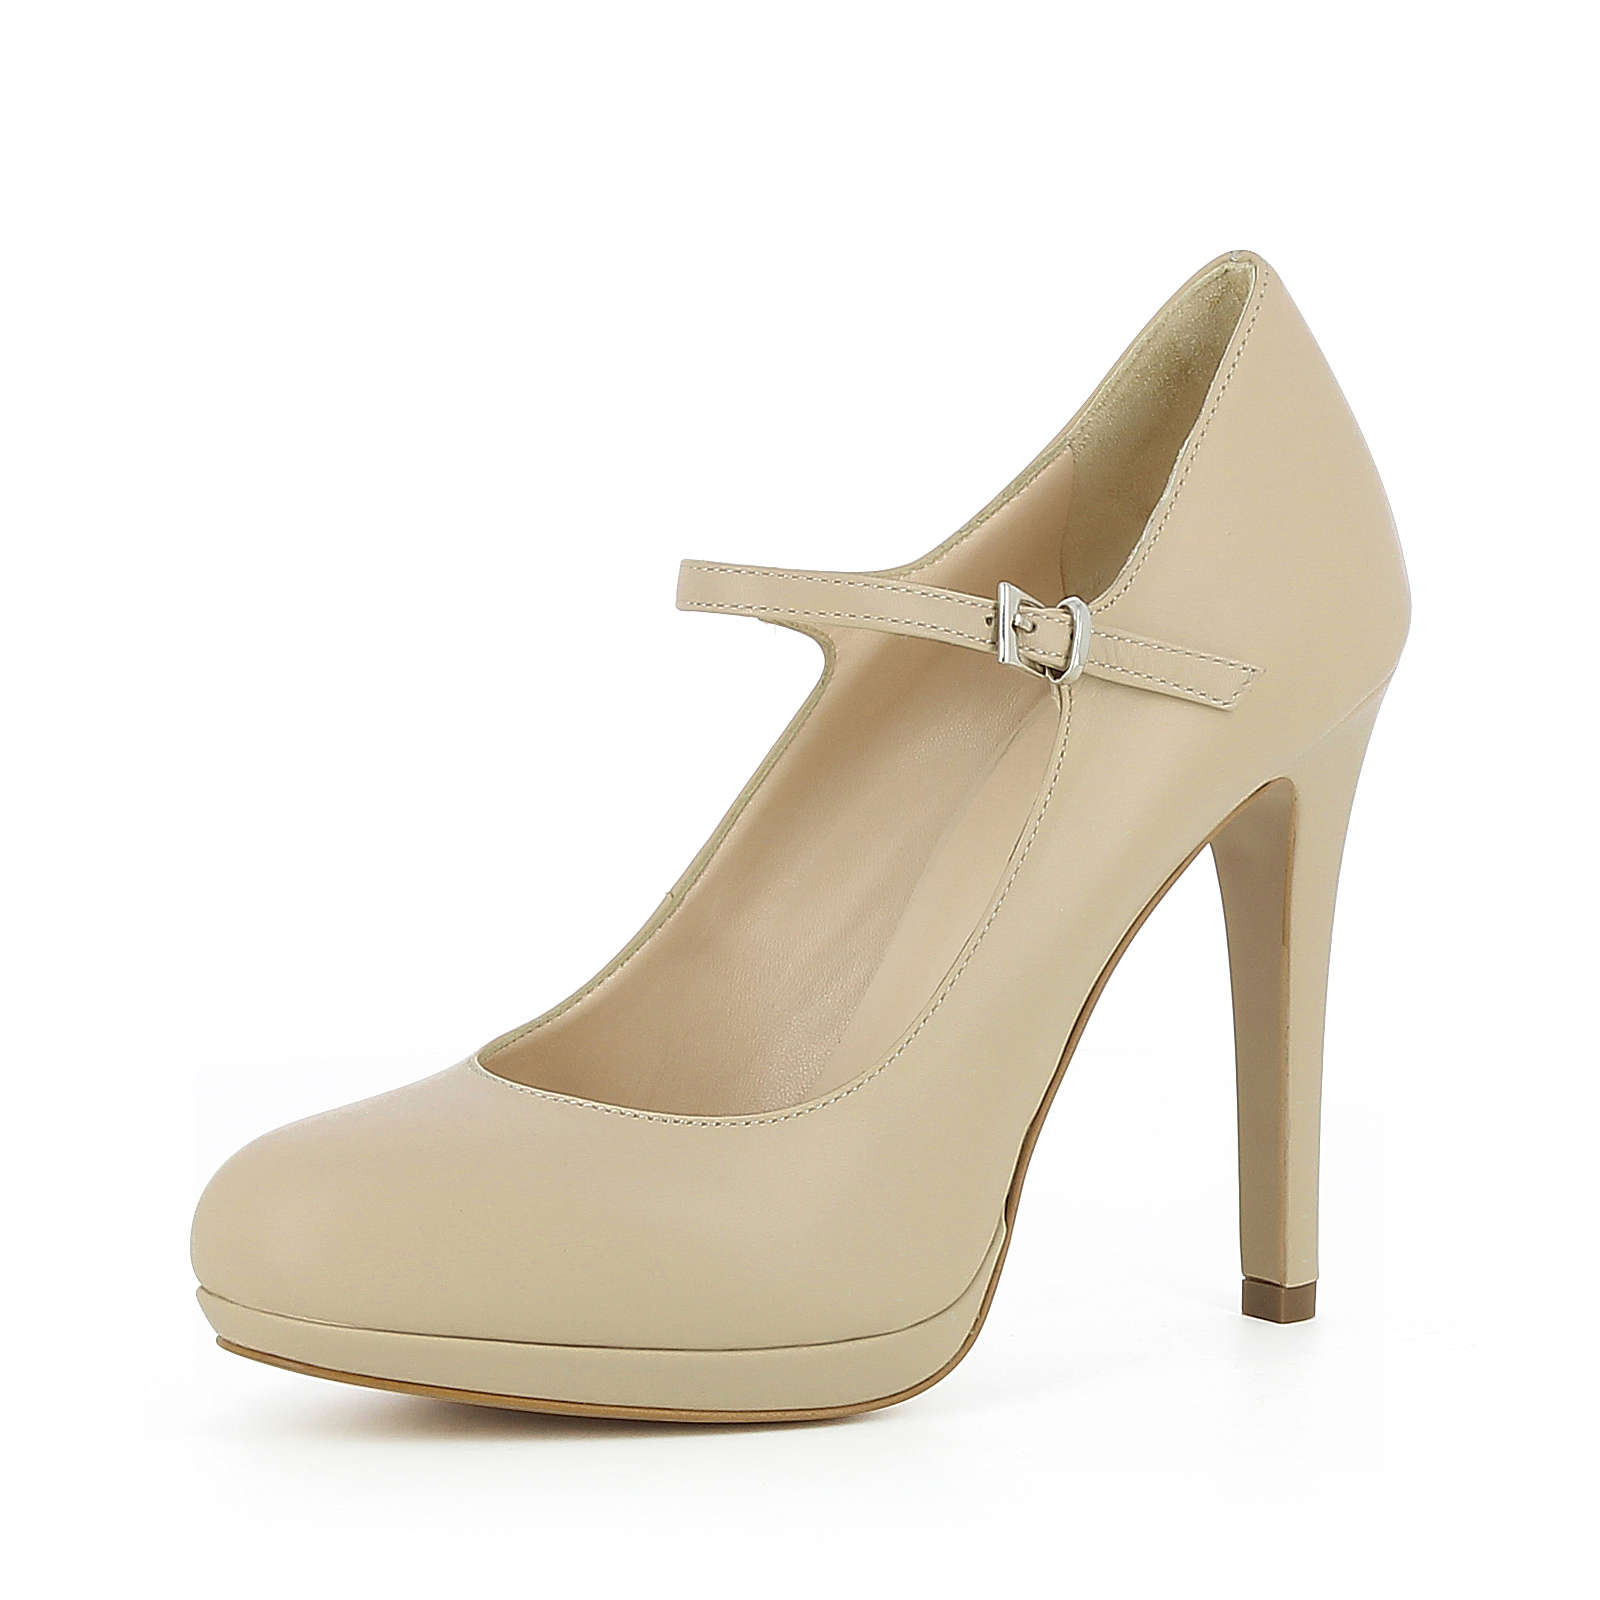 Evita Shoes Damen Pumps CRISTINA Spangenpumps beige Damen Gr. 36